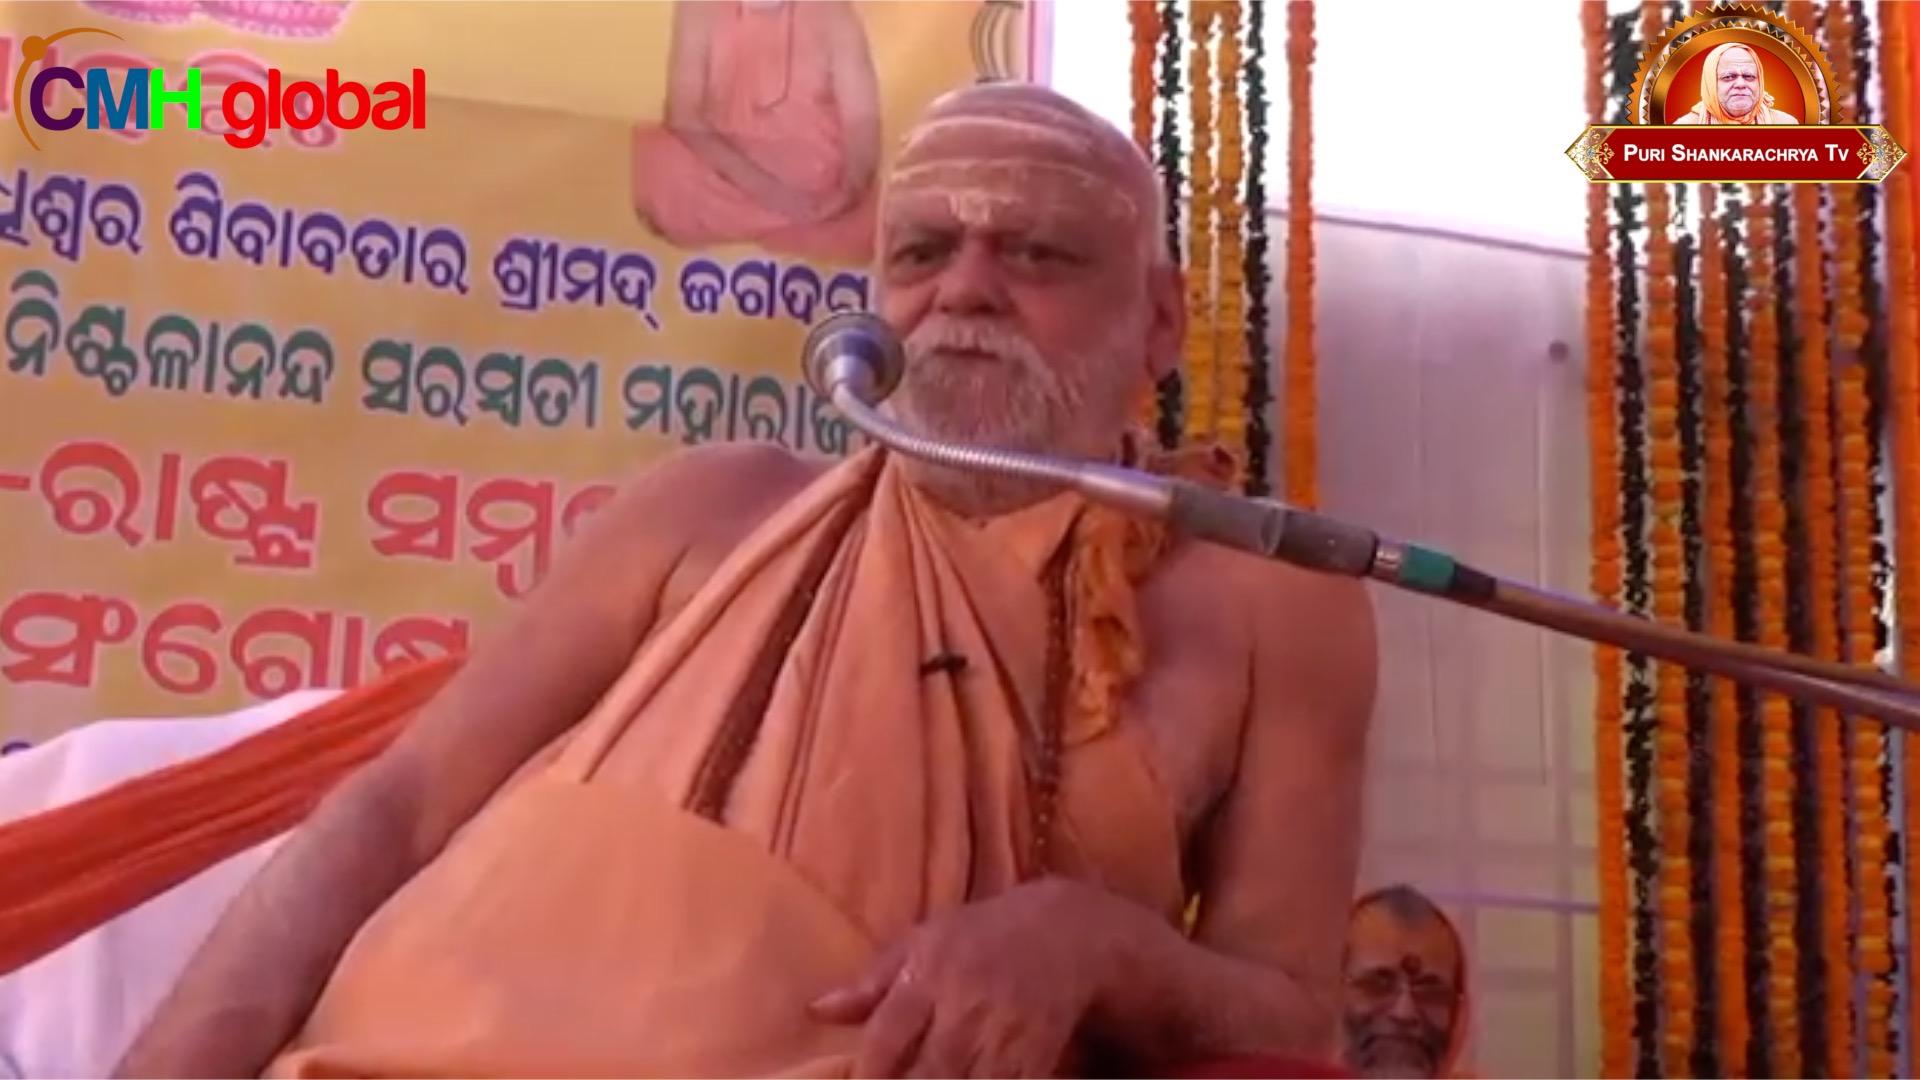 Gyan Dhara Ep -03 by Puri Shankaracharya Swami Nishchalananda Saraswati Ji